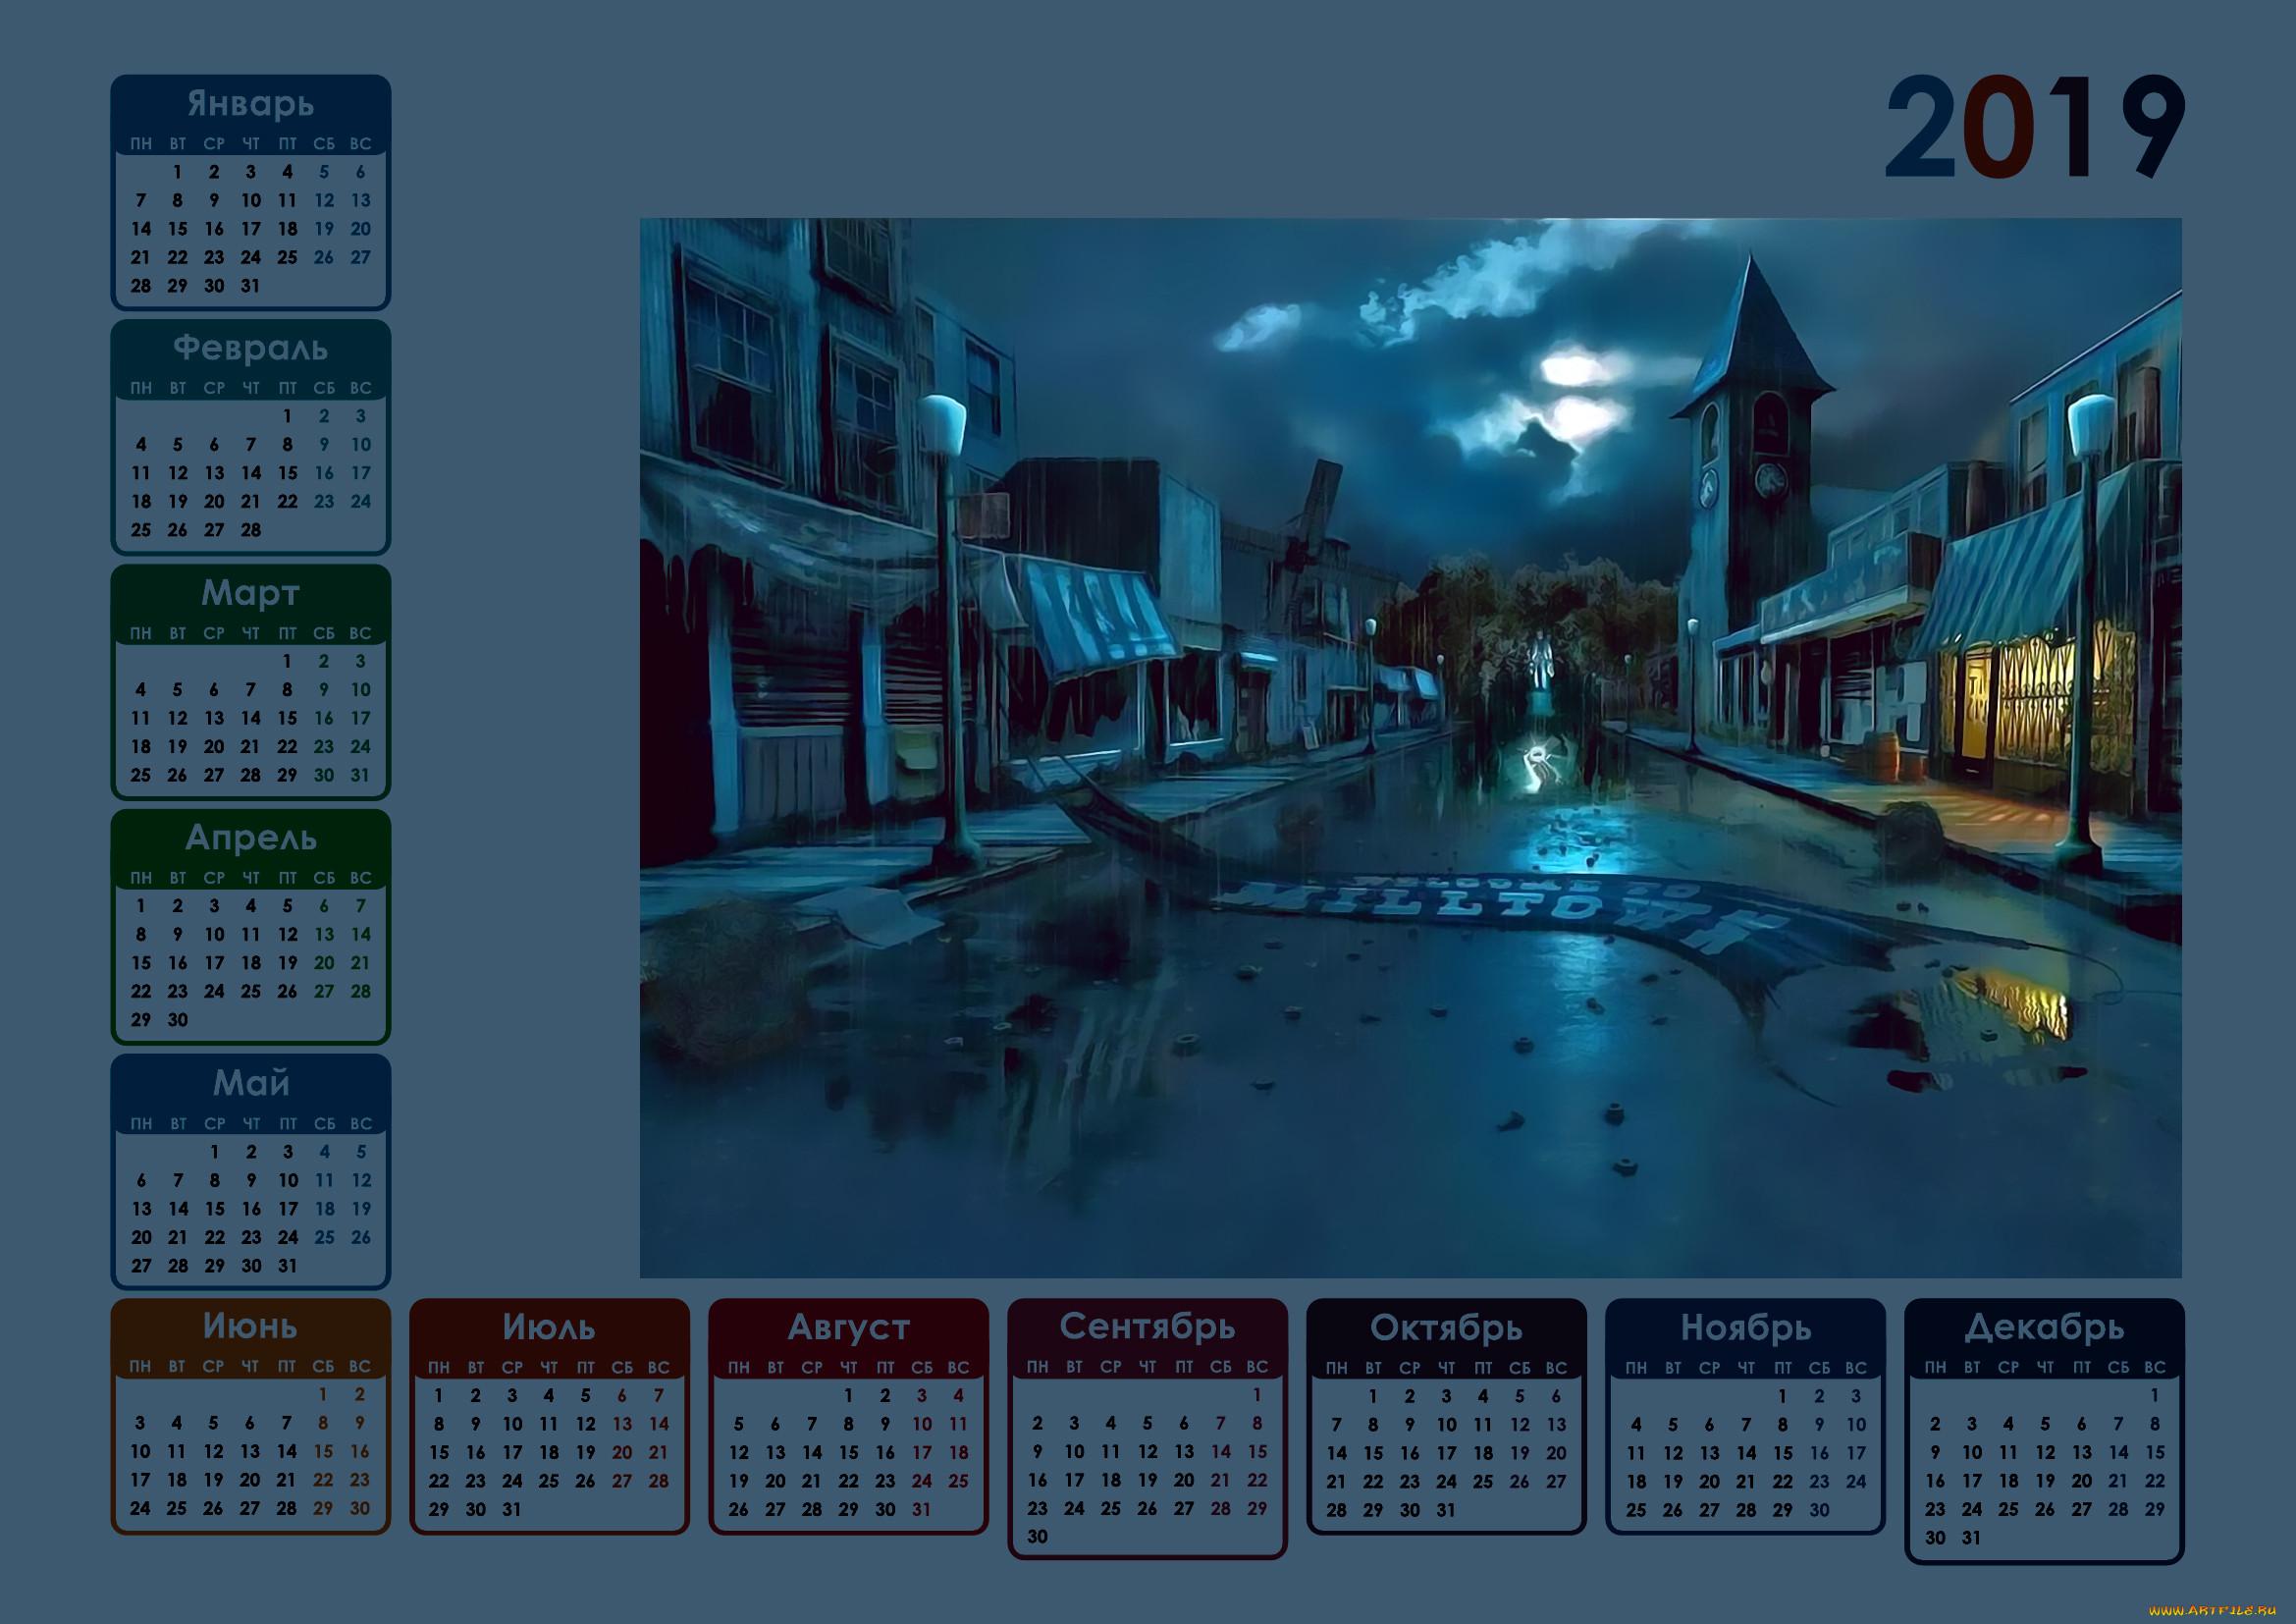 ног календарь город картинки нашей статье собрали